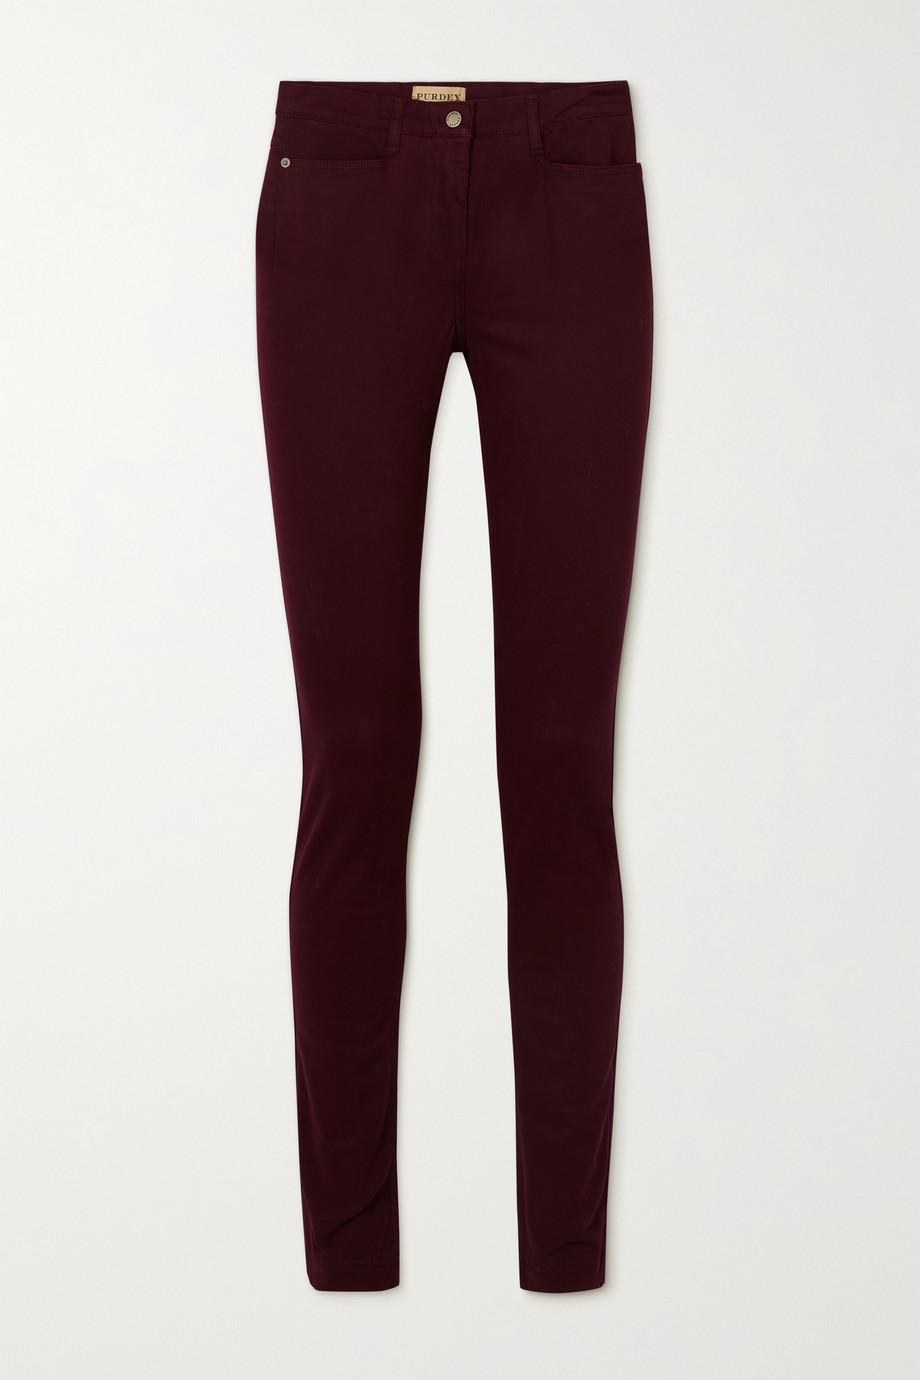 Purdey Halbhohe Jeans mit schmalem Bein